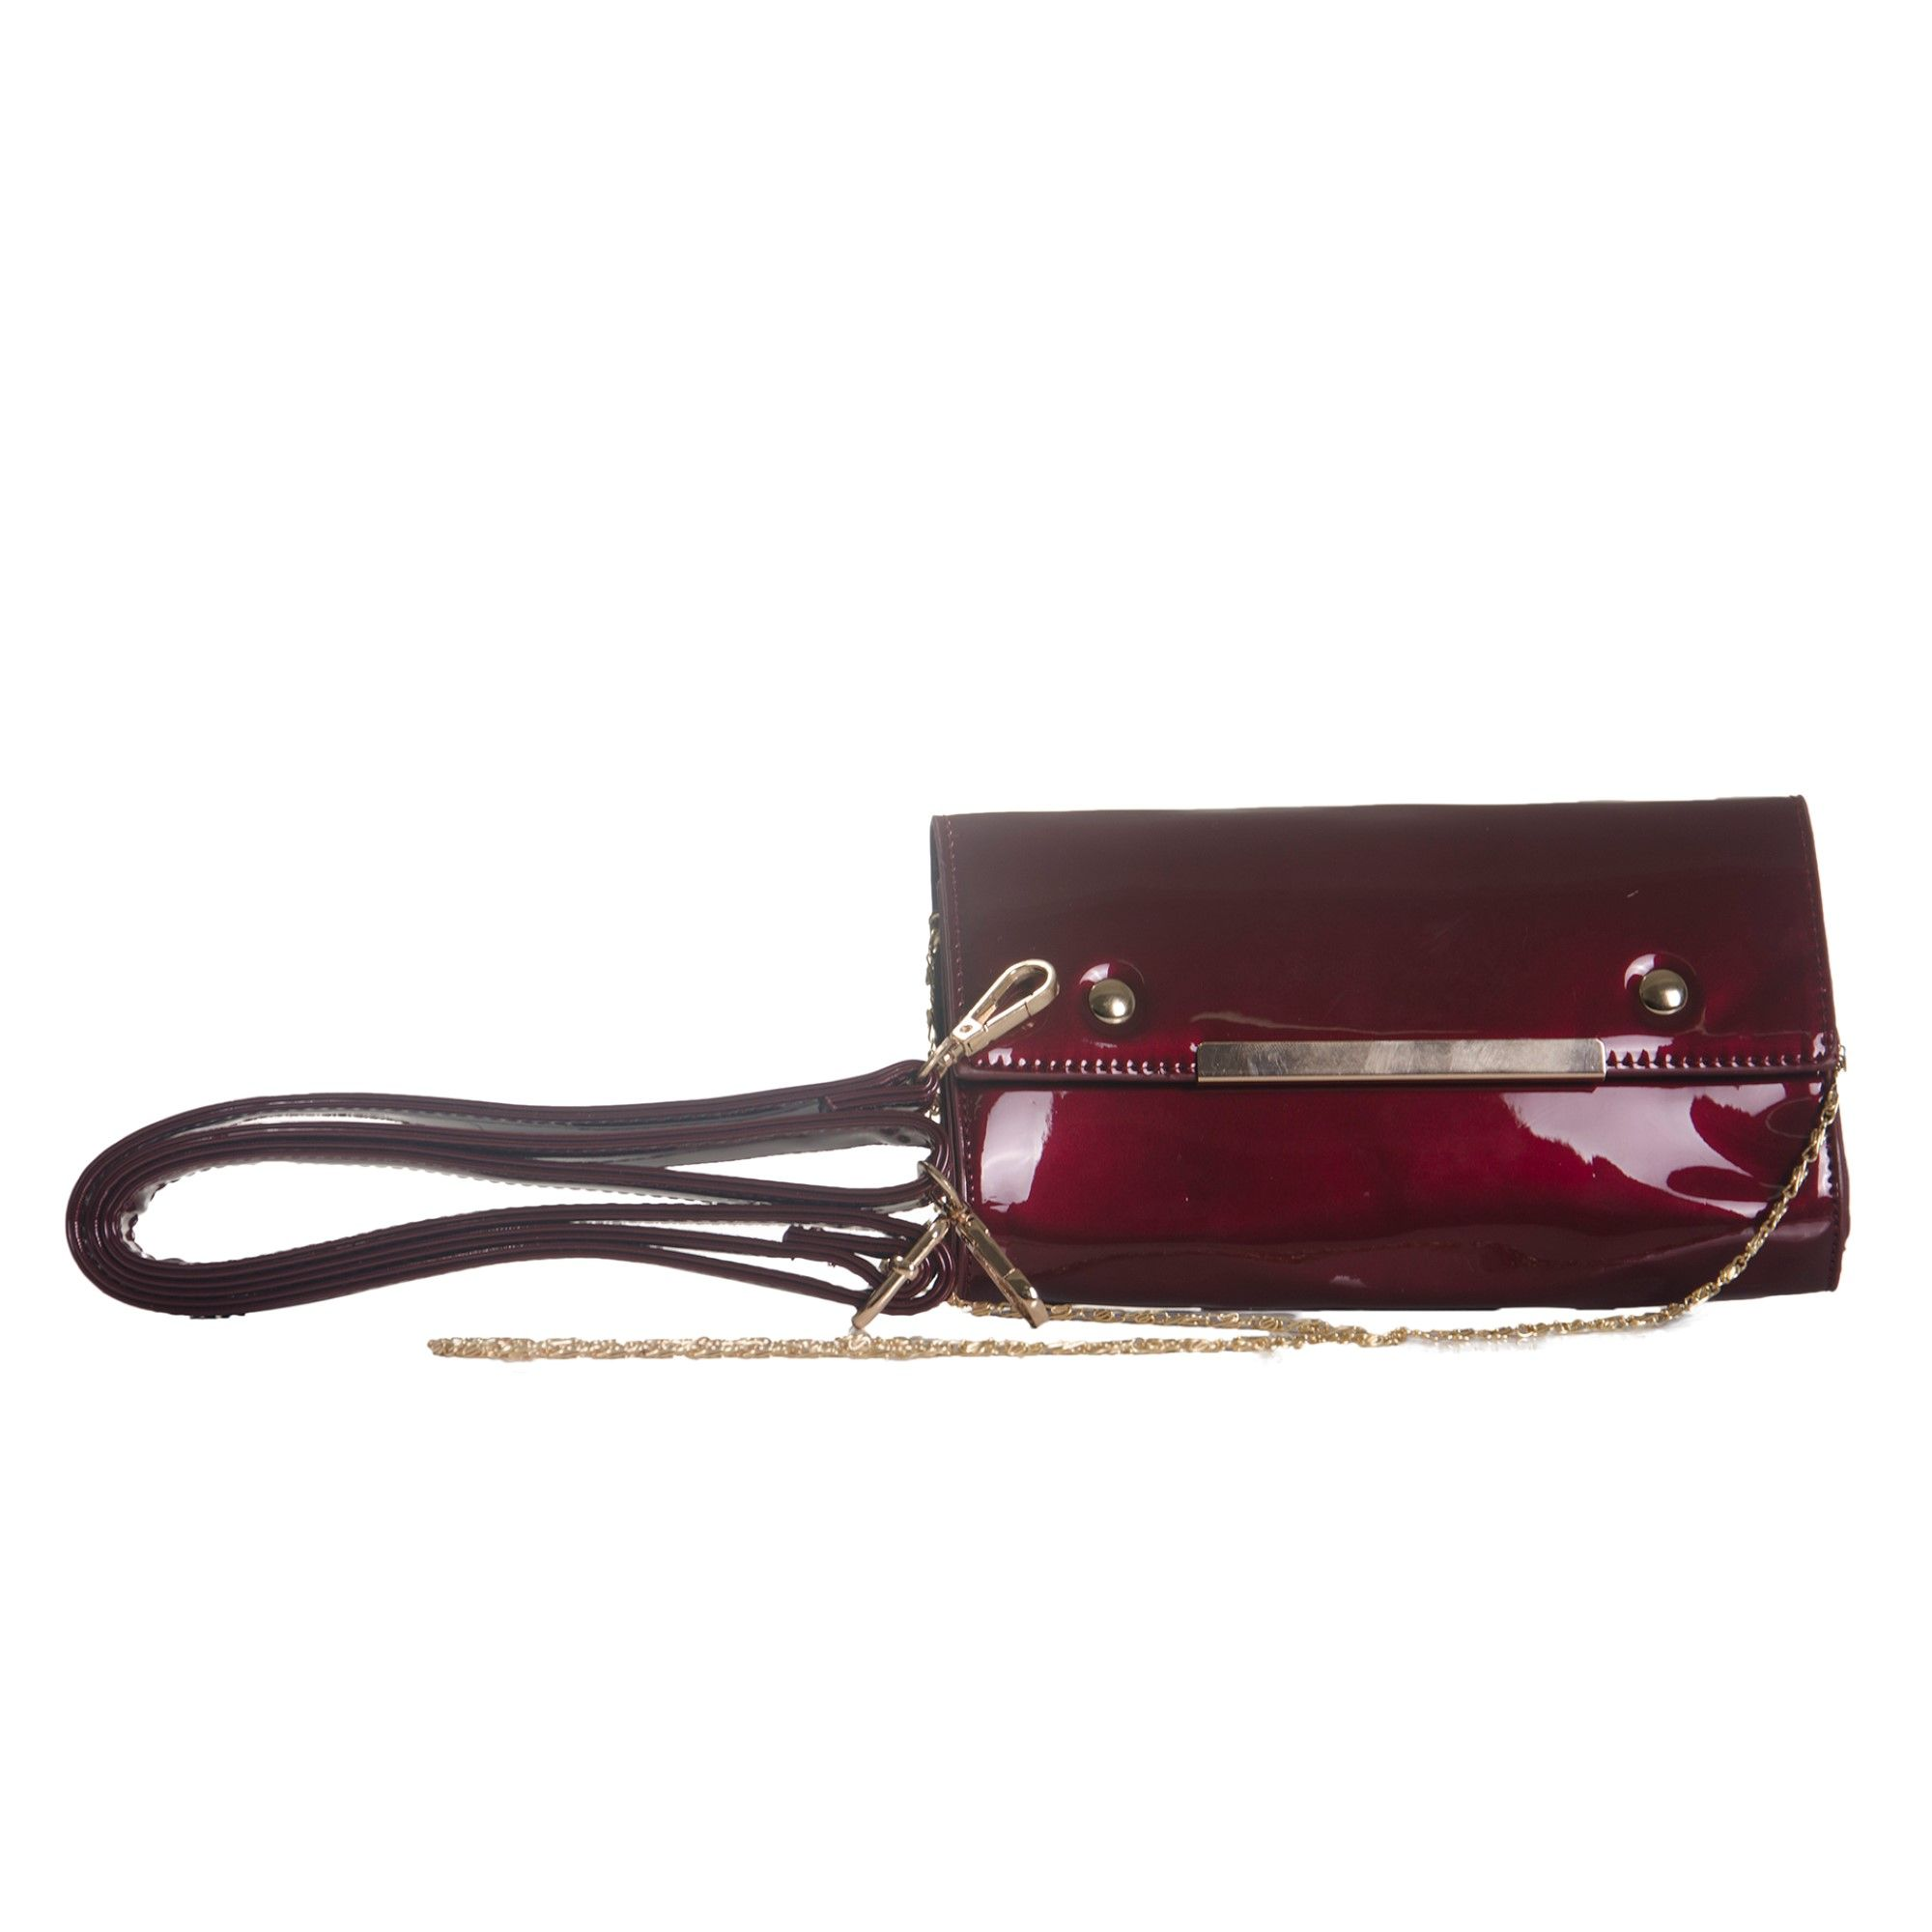 Bolsa de Mão Verniz Vinho com Alça Removível e Bolsa Carteira Clutch  - Prime Bolsas